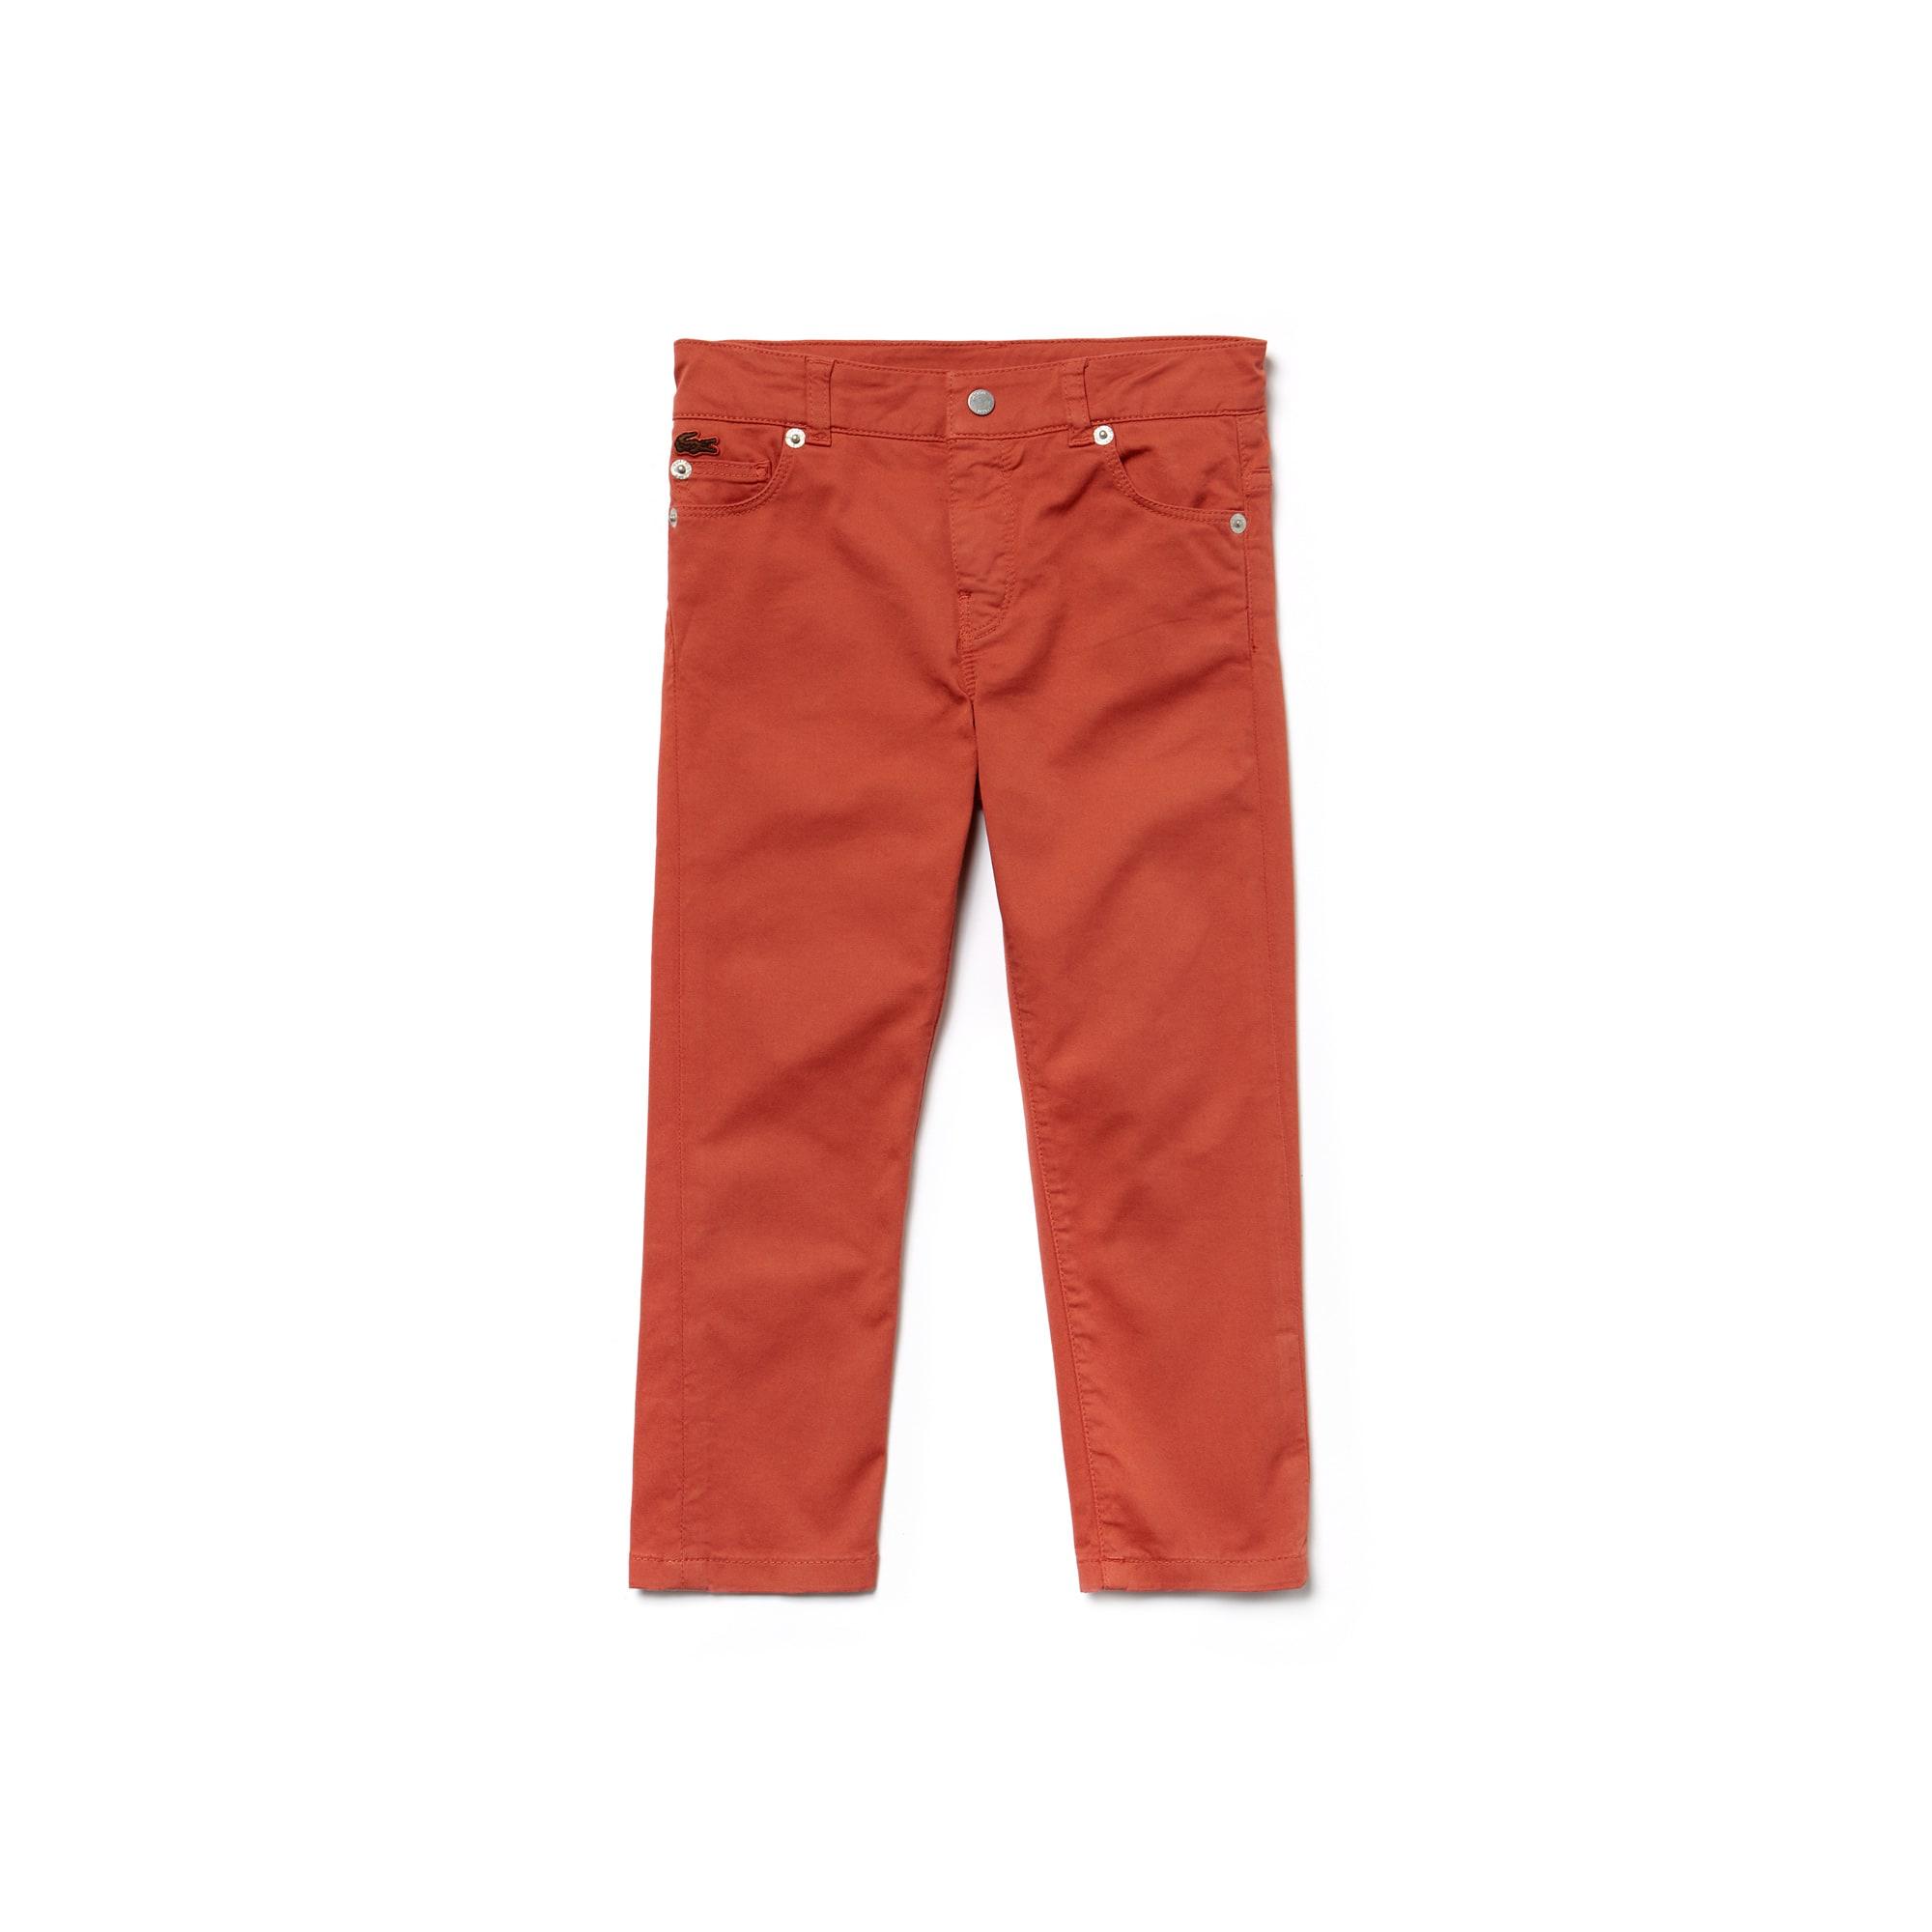 Boys' 5 Pocket Stretch Pants